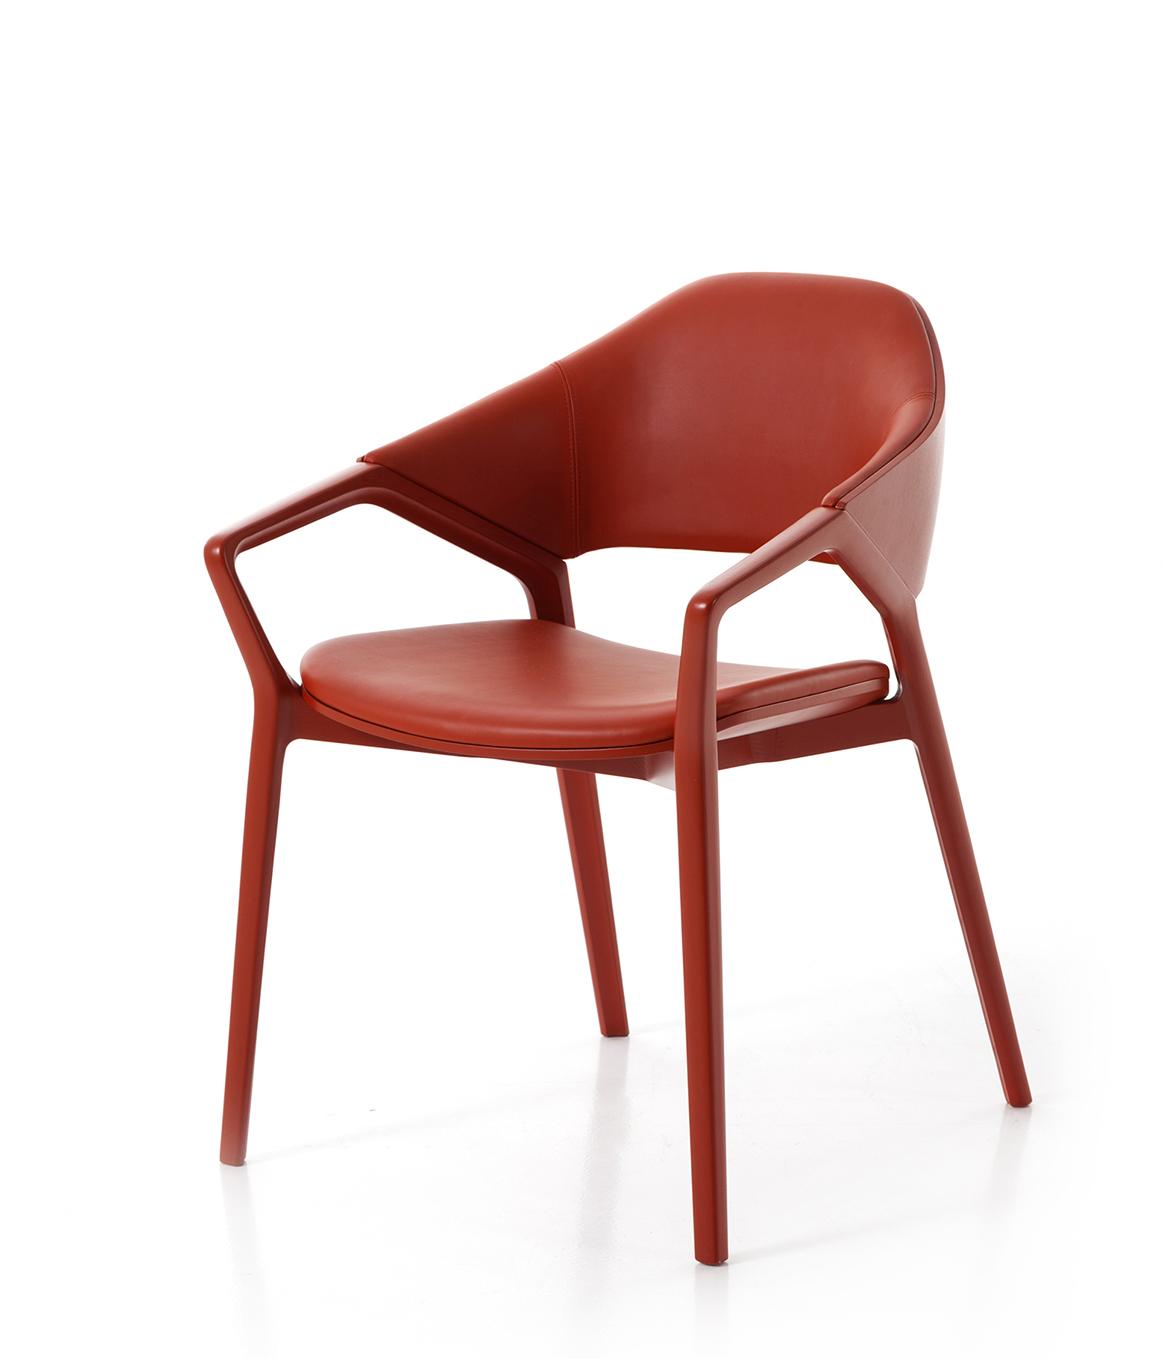 3_CASSINA_Ico chair_Ora Ito